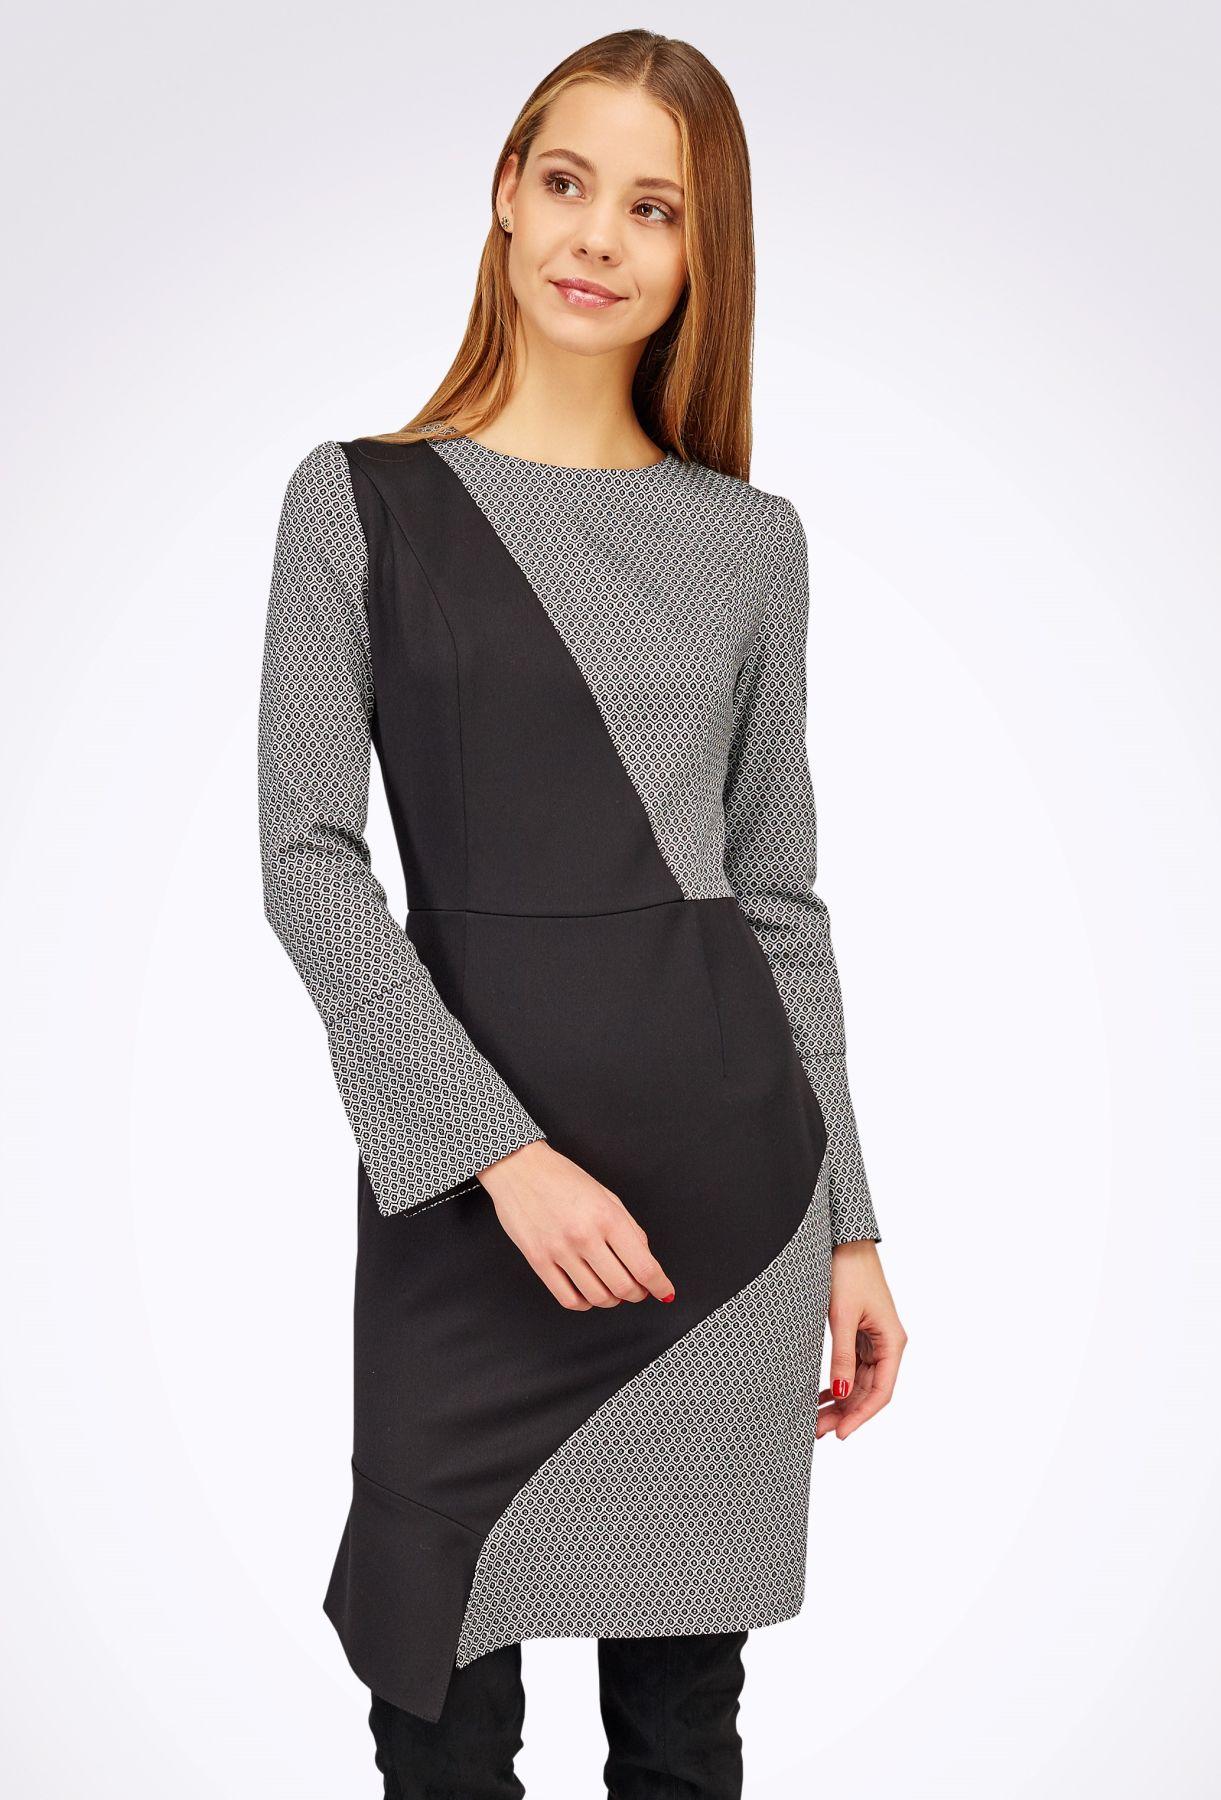 Платье 5450 - CAT ORANGE Интернет магазин женской одежды в Украине ... 86d7c54c77d